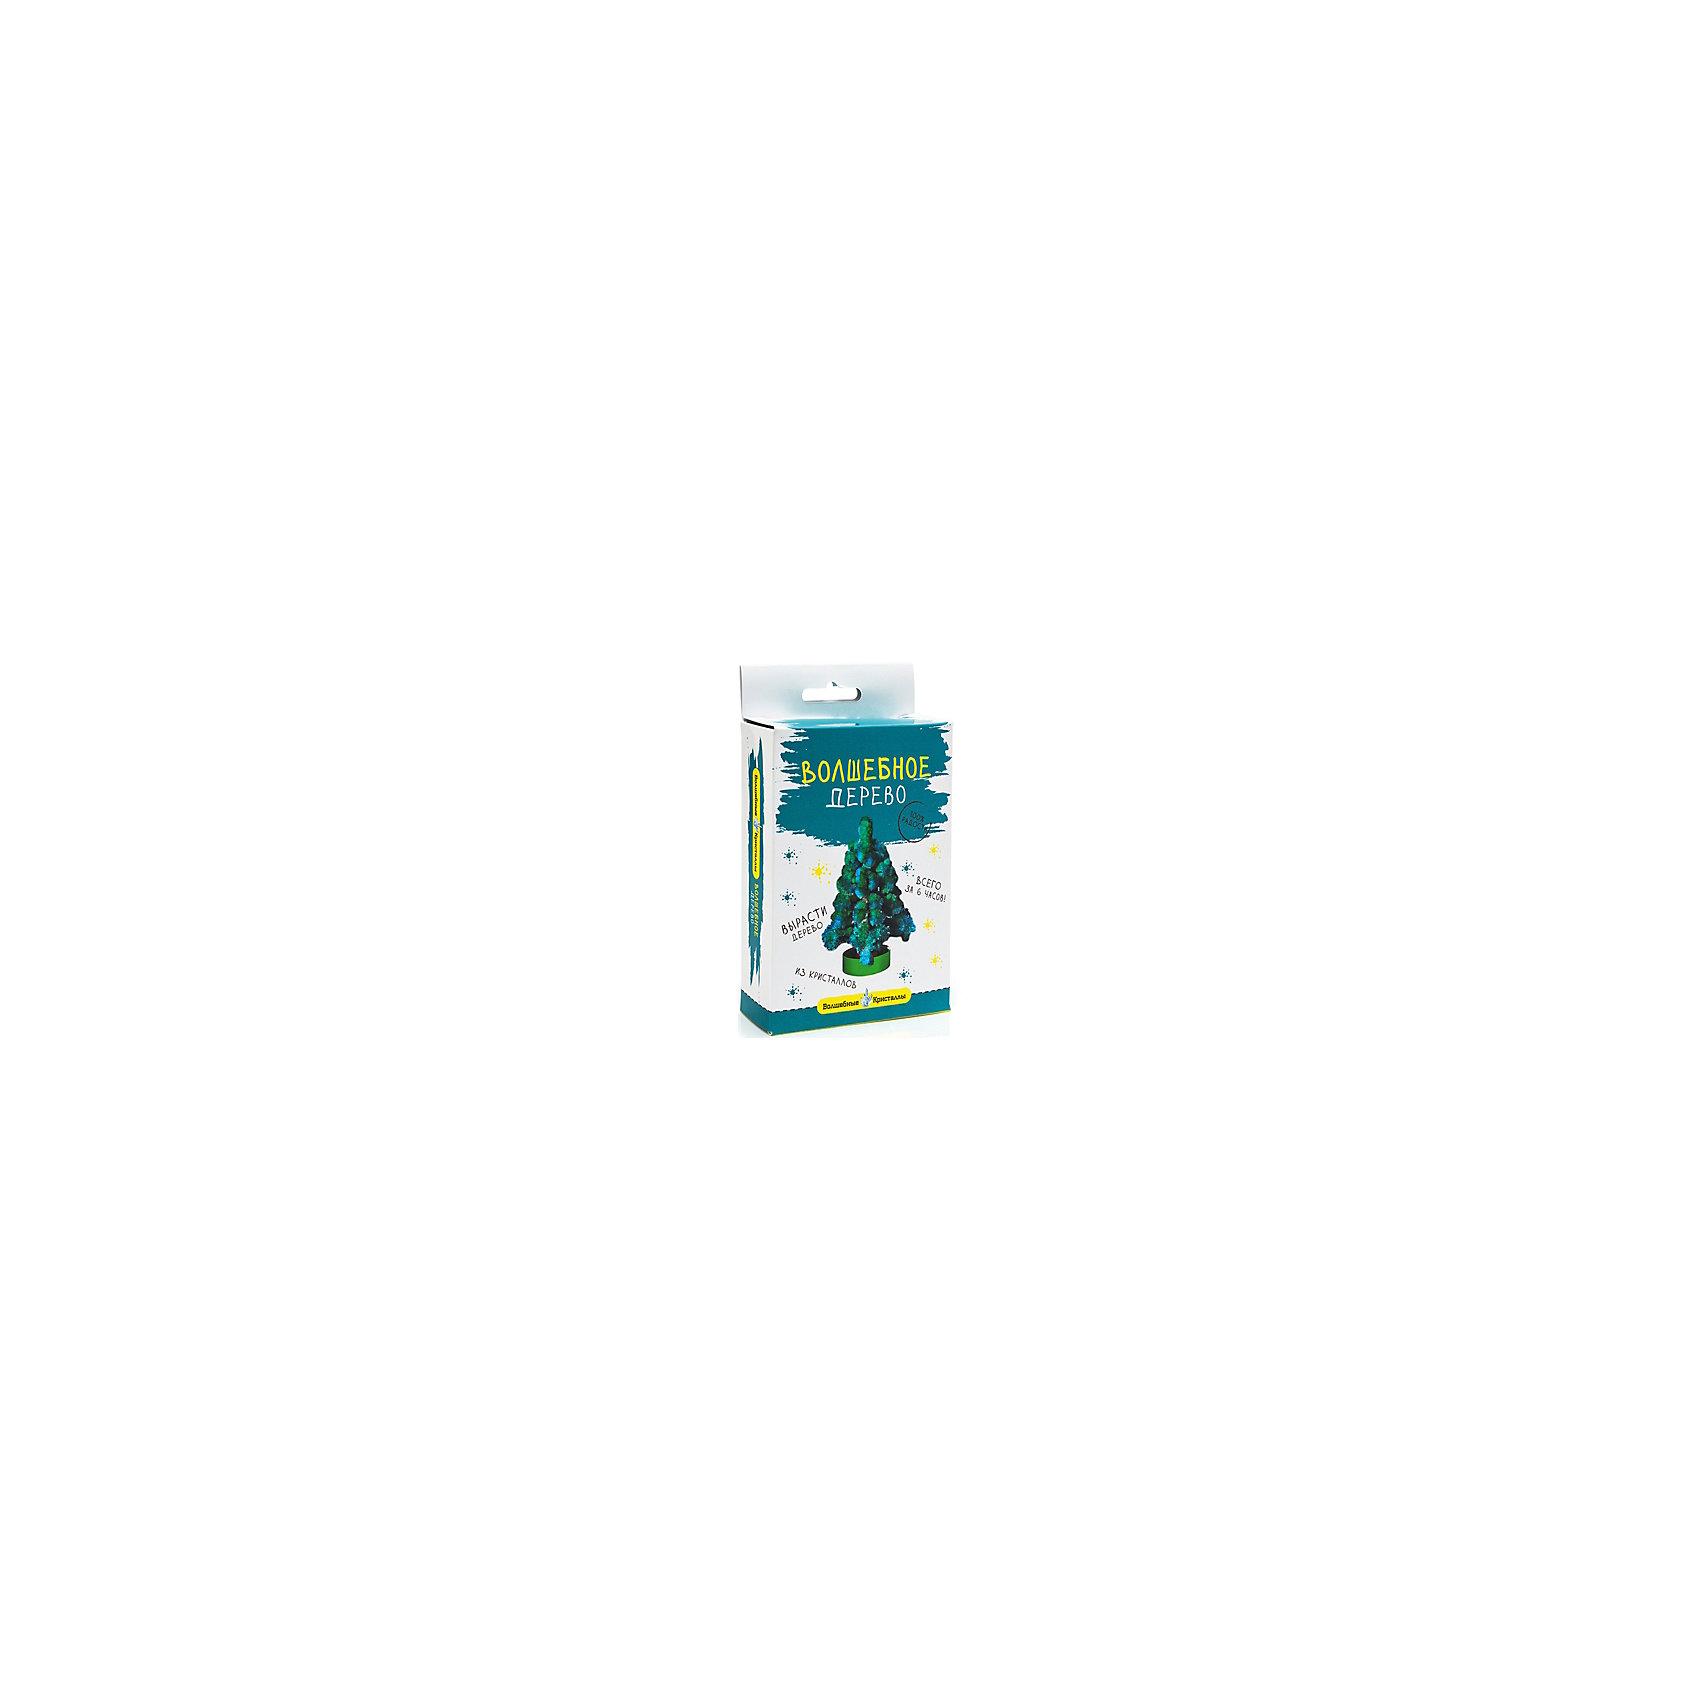 Волшебные кристаллы Синяя елочкаВыращивание кристаллов<br>Волшебные кристаллы Синяя елочка, Бумбарам.<br><br>Характеристики:<br><br>• подходит для первых химических опытов<br>• прост в применении<br>• яркий цвет<br>• развивает внимательность и усидчивость<br>• в комплекте: основа, подставка, пакетик с реактивом, инструкция<br>• размер: 3х10х17 см<br>• вес: 50 грамм<br>• готовую поделку рекомендуется покрыть лаком для волос<br><br>Что делать если хочется украсить комнату красивой ёлочкой? Конечно же, вырастить яркое дерево из волшебных кристаллов! Набор Синяя ёлочка поможет вам справиться с этой задачей. Он очень прост в использовании: достаточно лишь установить картонную основу на подставку и добавить специальный раствор. Всего через 6 часов перед вашими глазами предстанет яркая пушистая елочка, которая долго будет радовать вас своей красотой!<br><br>Волшебные кристаллы Синяя елочка, Бумбарам вы можете купить в нашем интернет-магазине.<br><br>Ширина мм: 170<br>Глубина мм: 100<br>Высота мм: 30<br>Вес г: 50<br>Возраст от месяцев: 72<br>Возраст до месяцев: 144<br>Пол: Женский<br>Возраст: Детский<br>SKU: 5124692